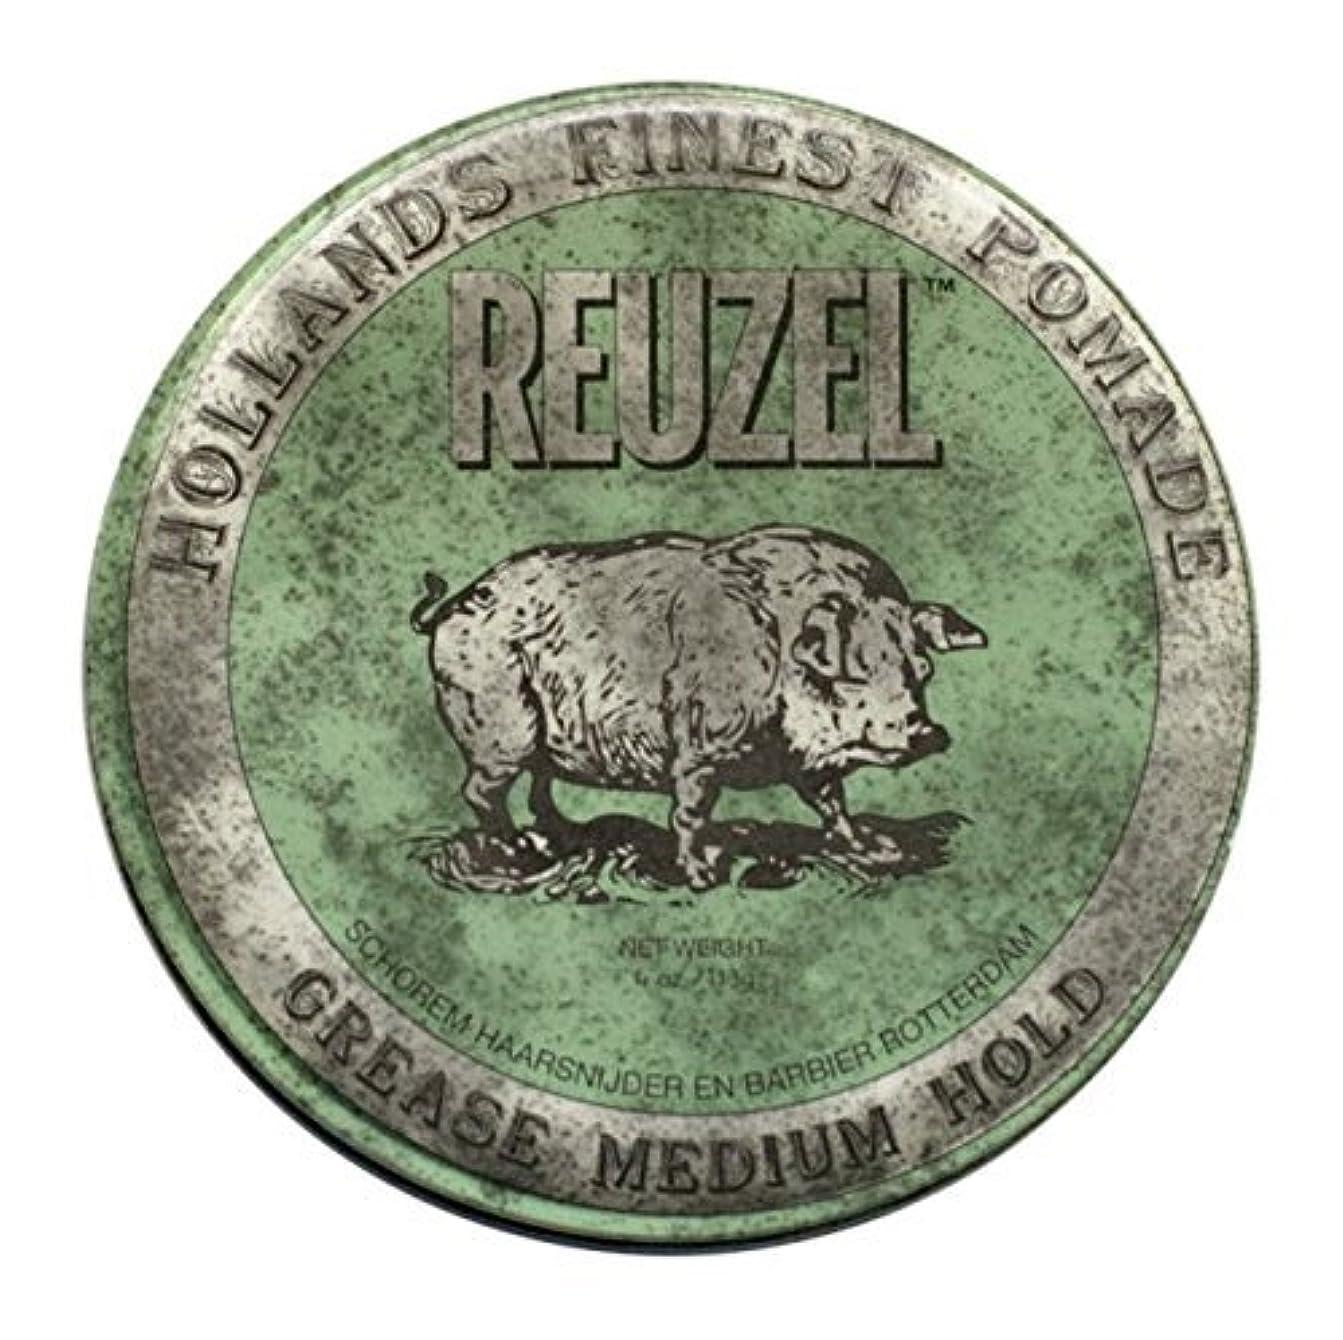 ベイビーテラス無力Reuzel Green Grease Medium Hold Hair Styling Pomade Piglet 1.3oz (35g) Wax/Gel by Reuzel